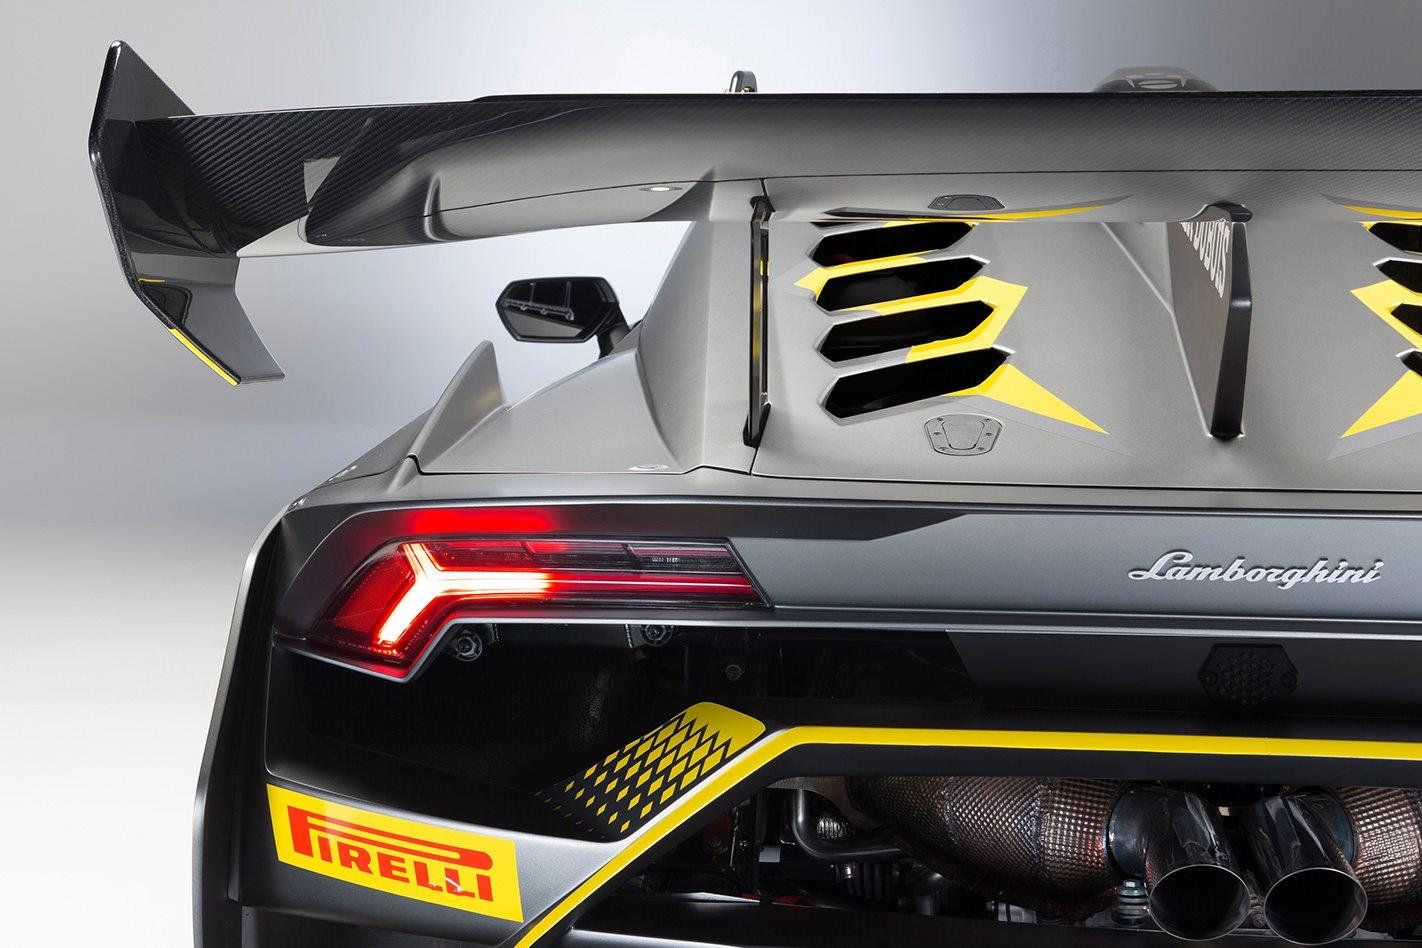 Lamborghini-Huracán-Super-Trofeo-rear.jpg